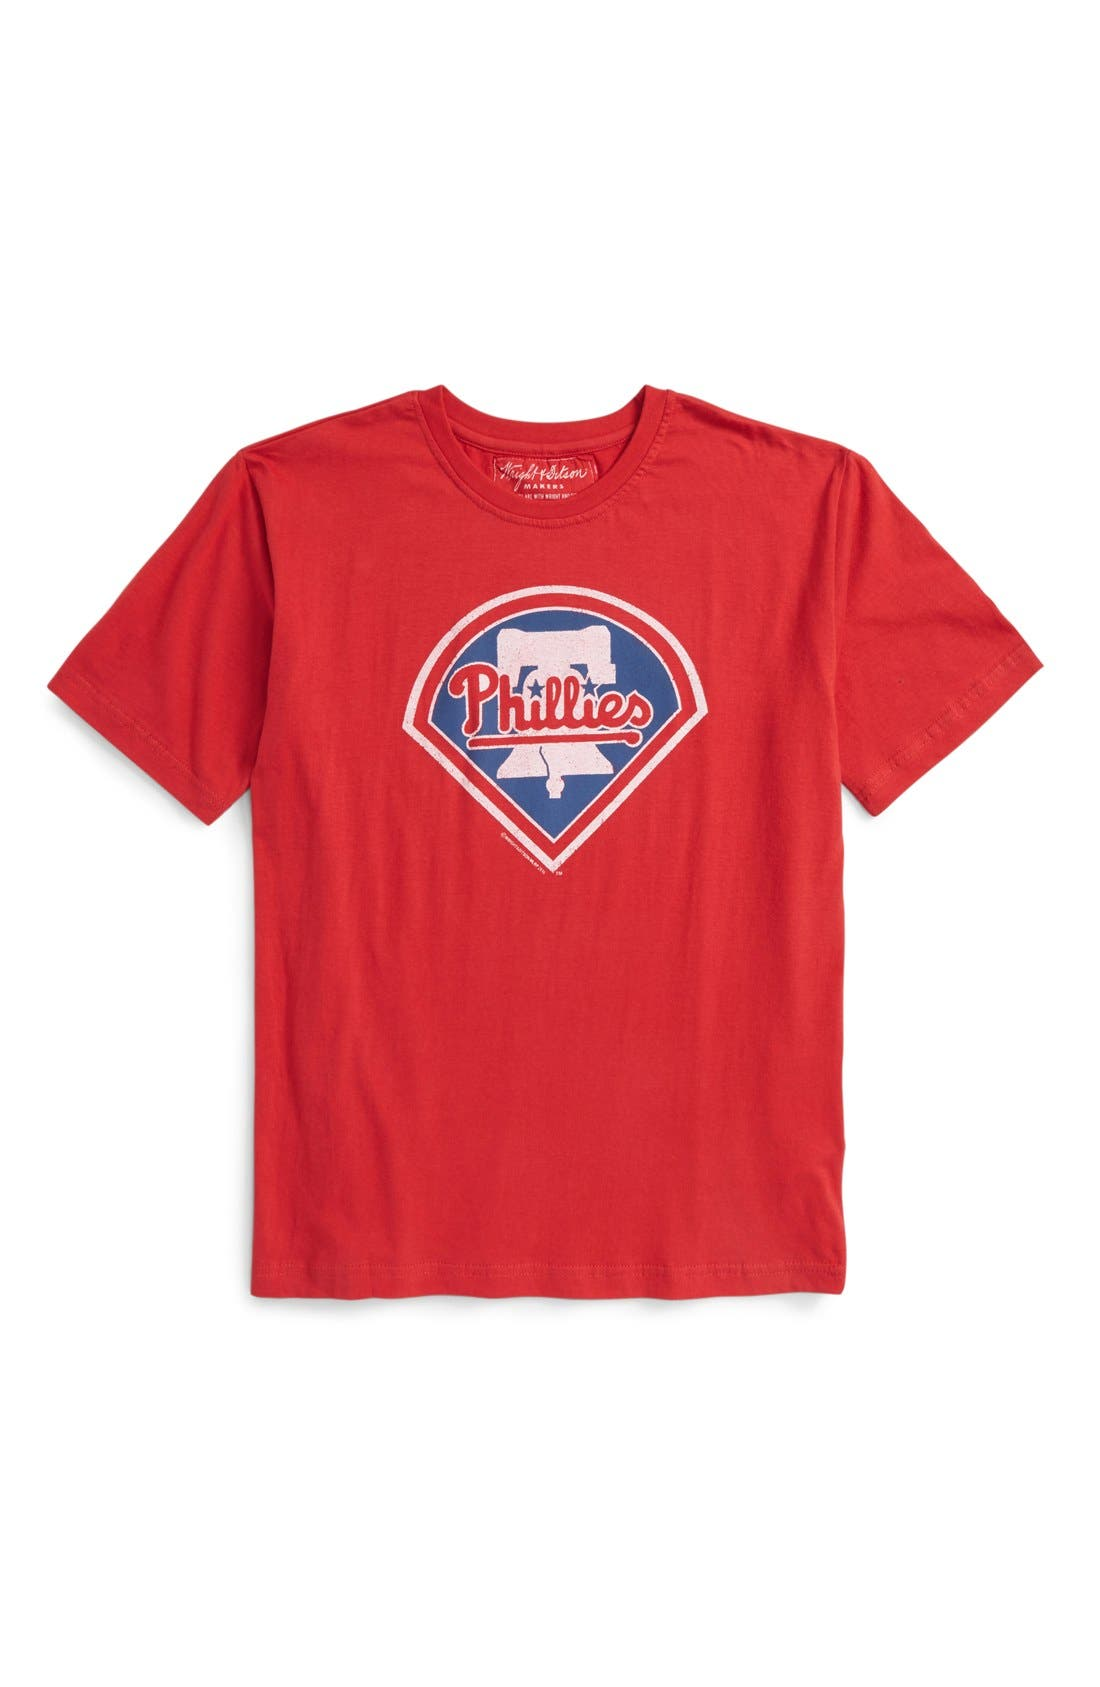 'Philadelphia Phillies' T-Shirt,                             Main thumbnail 1, color,                             600